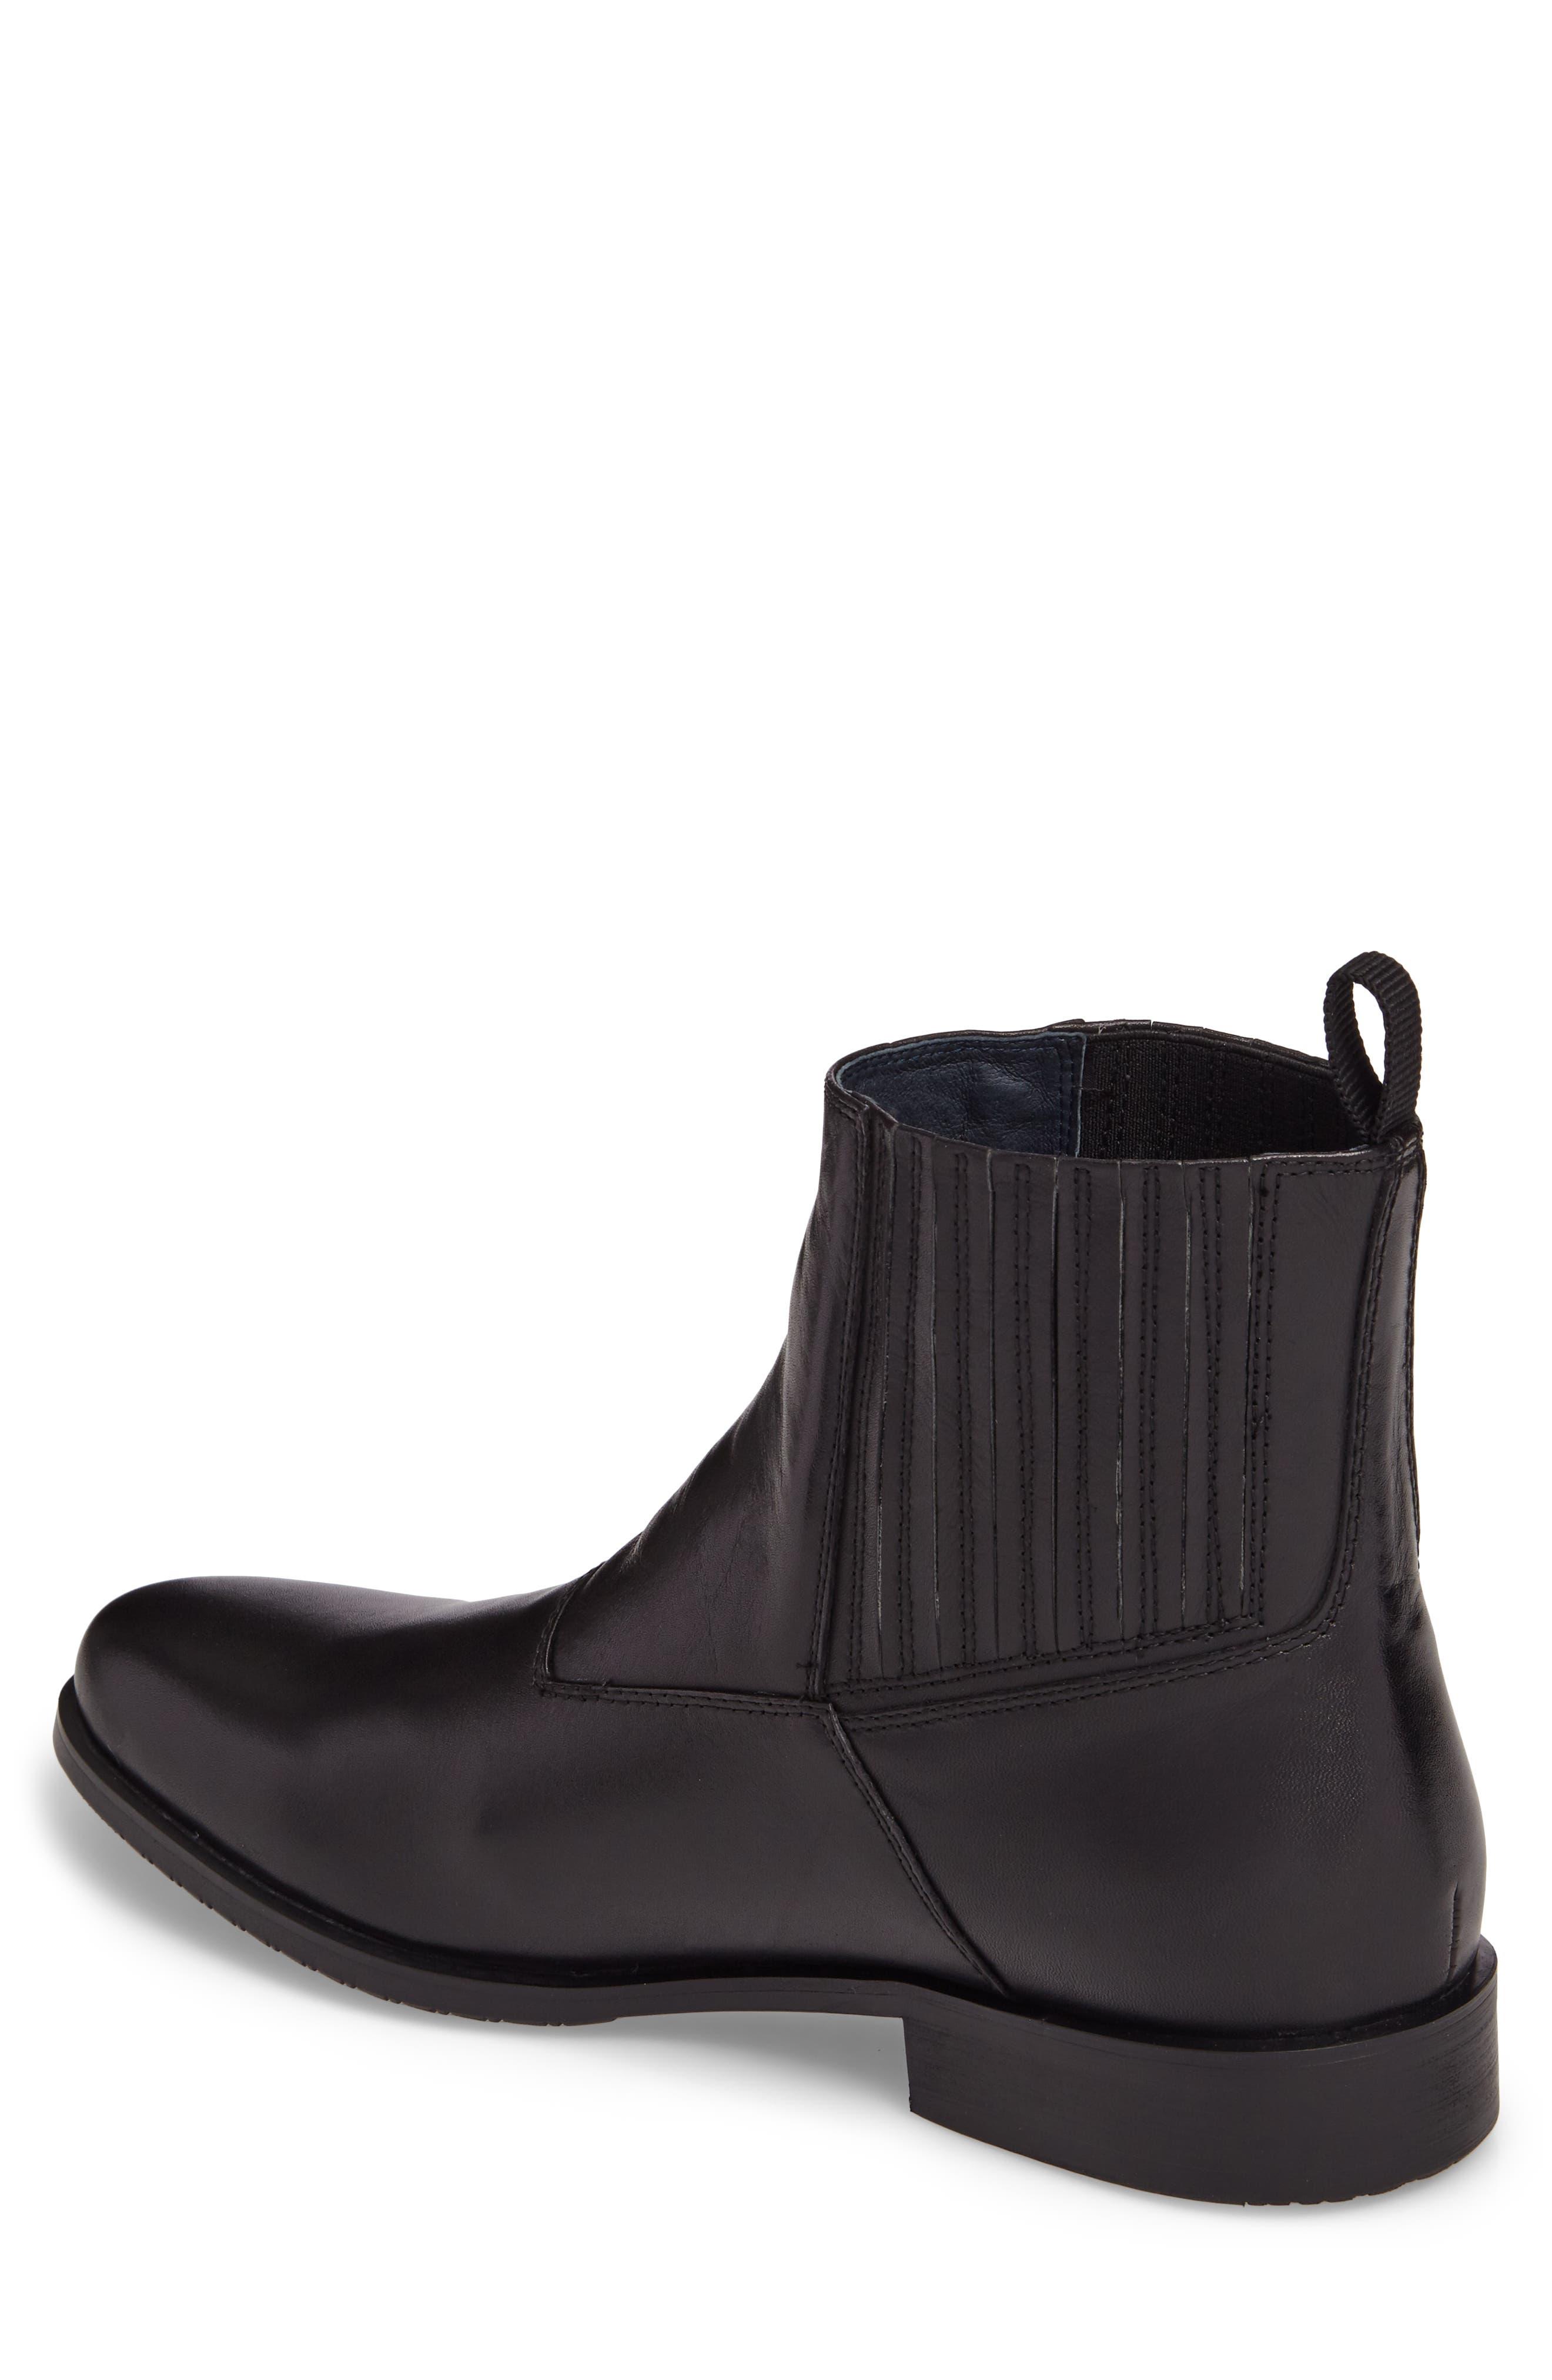 Guardi Zip Boot,                             Alternate thumbnail 2, color,                             001